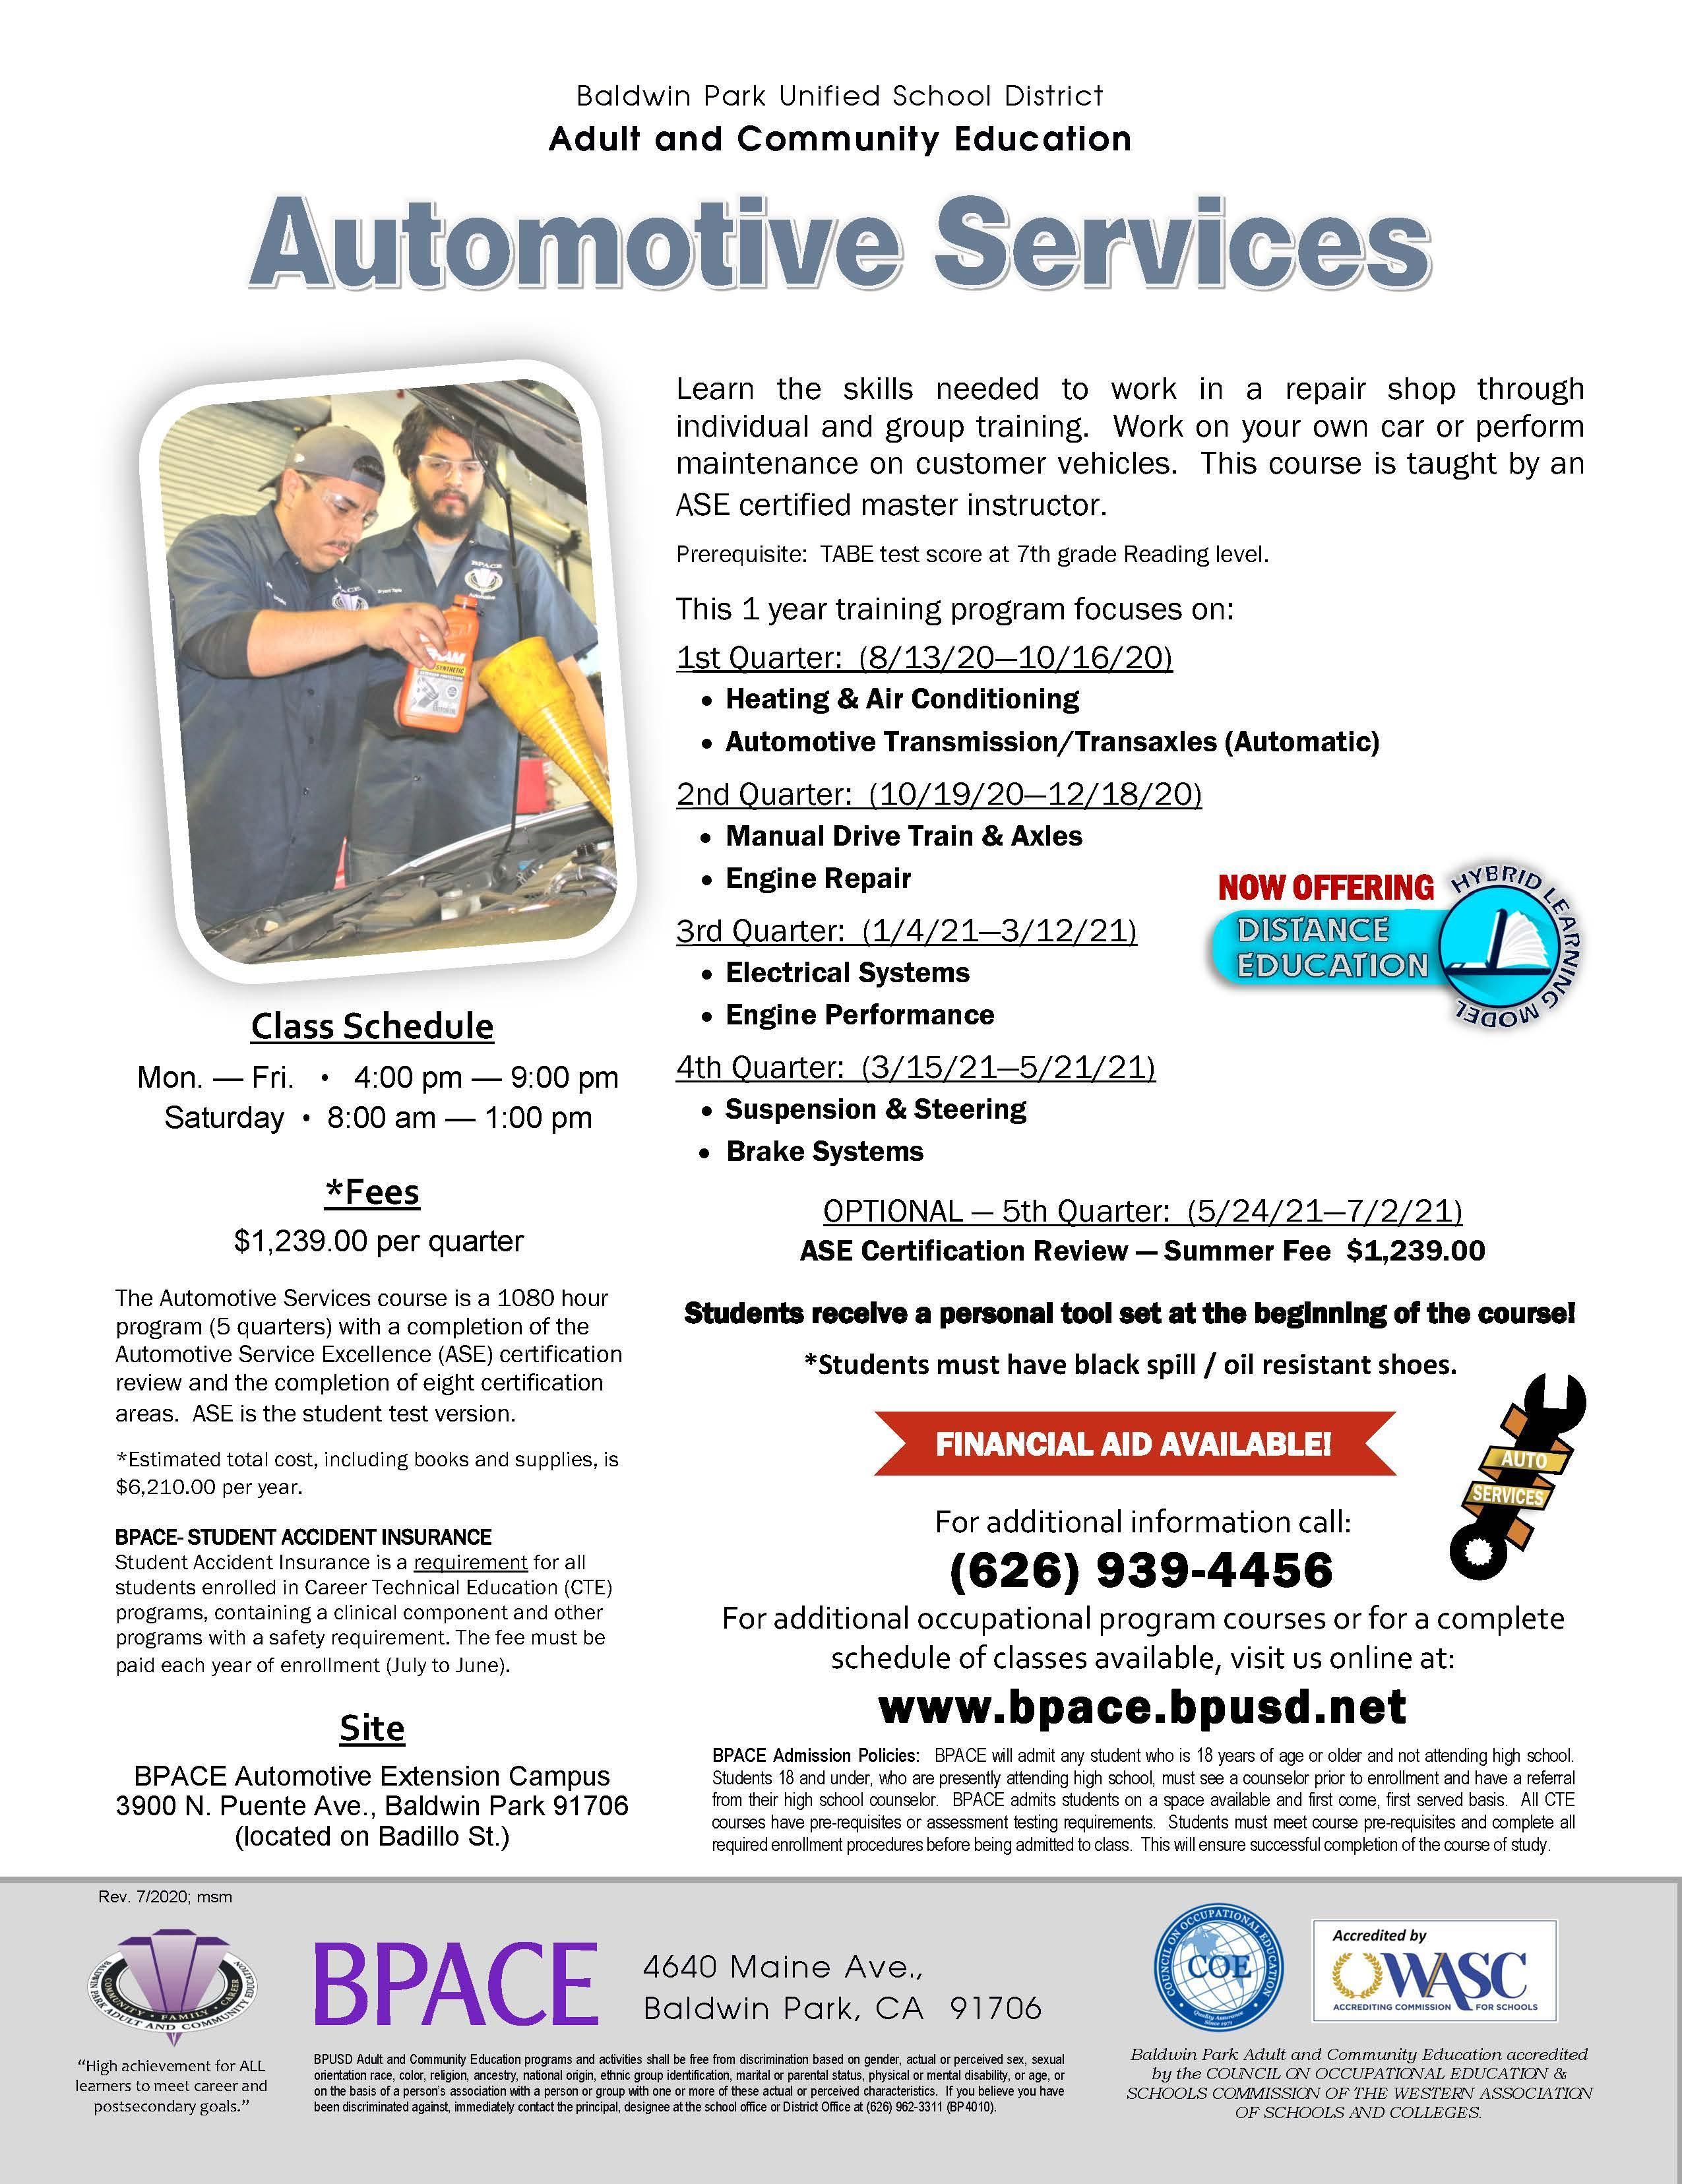 Automotive Services Flyer